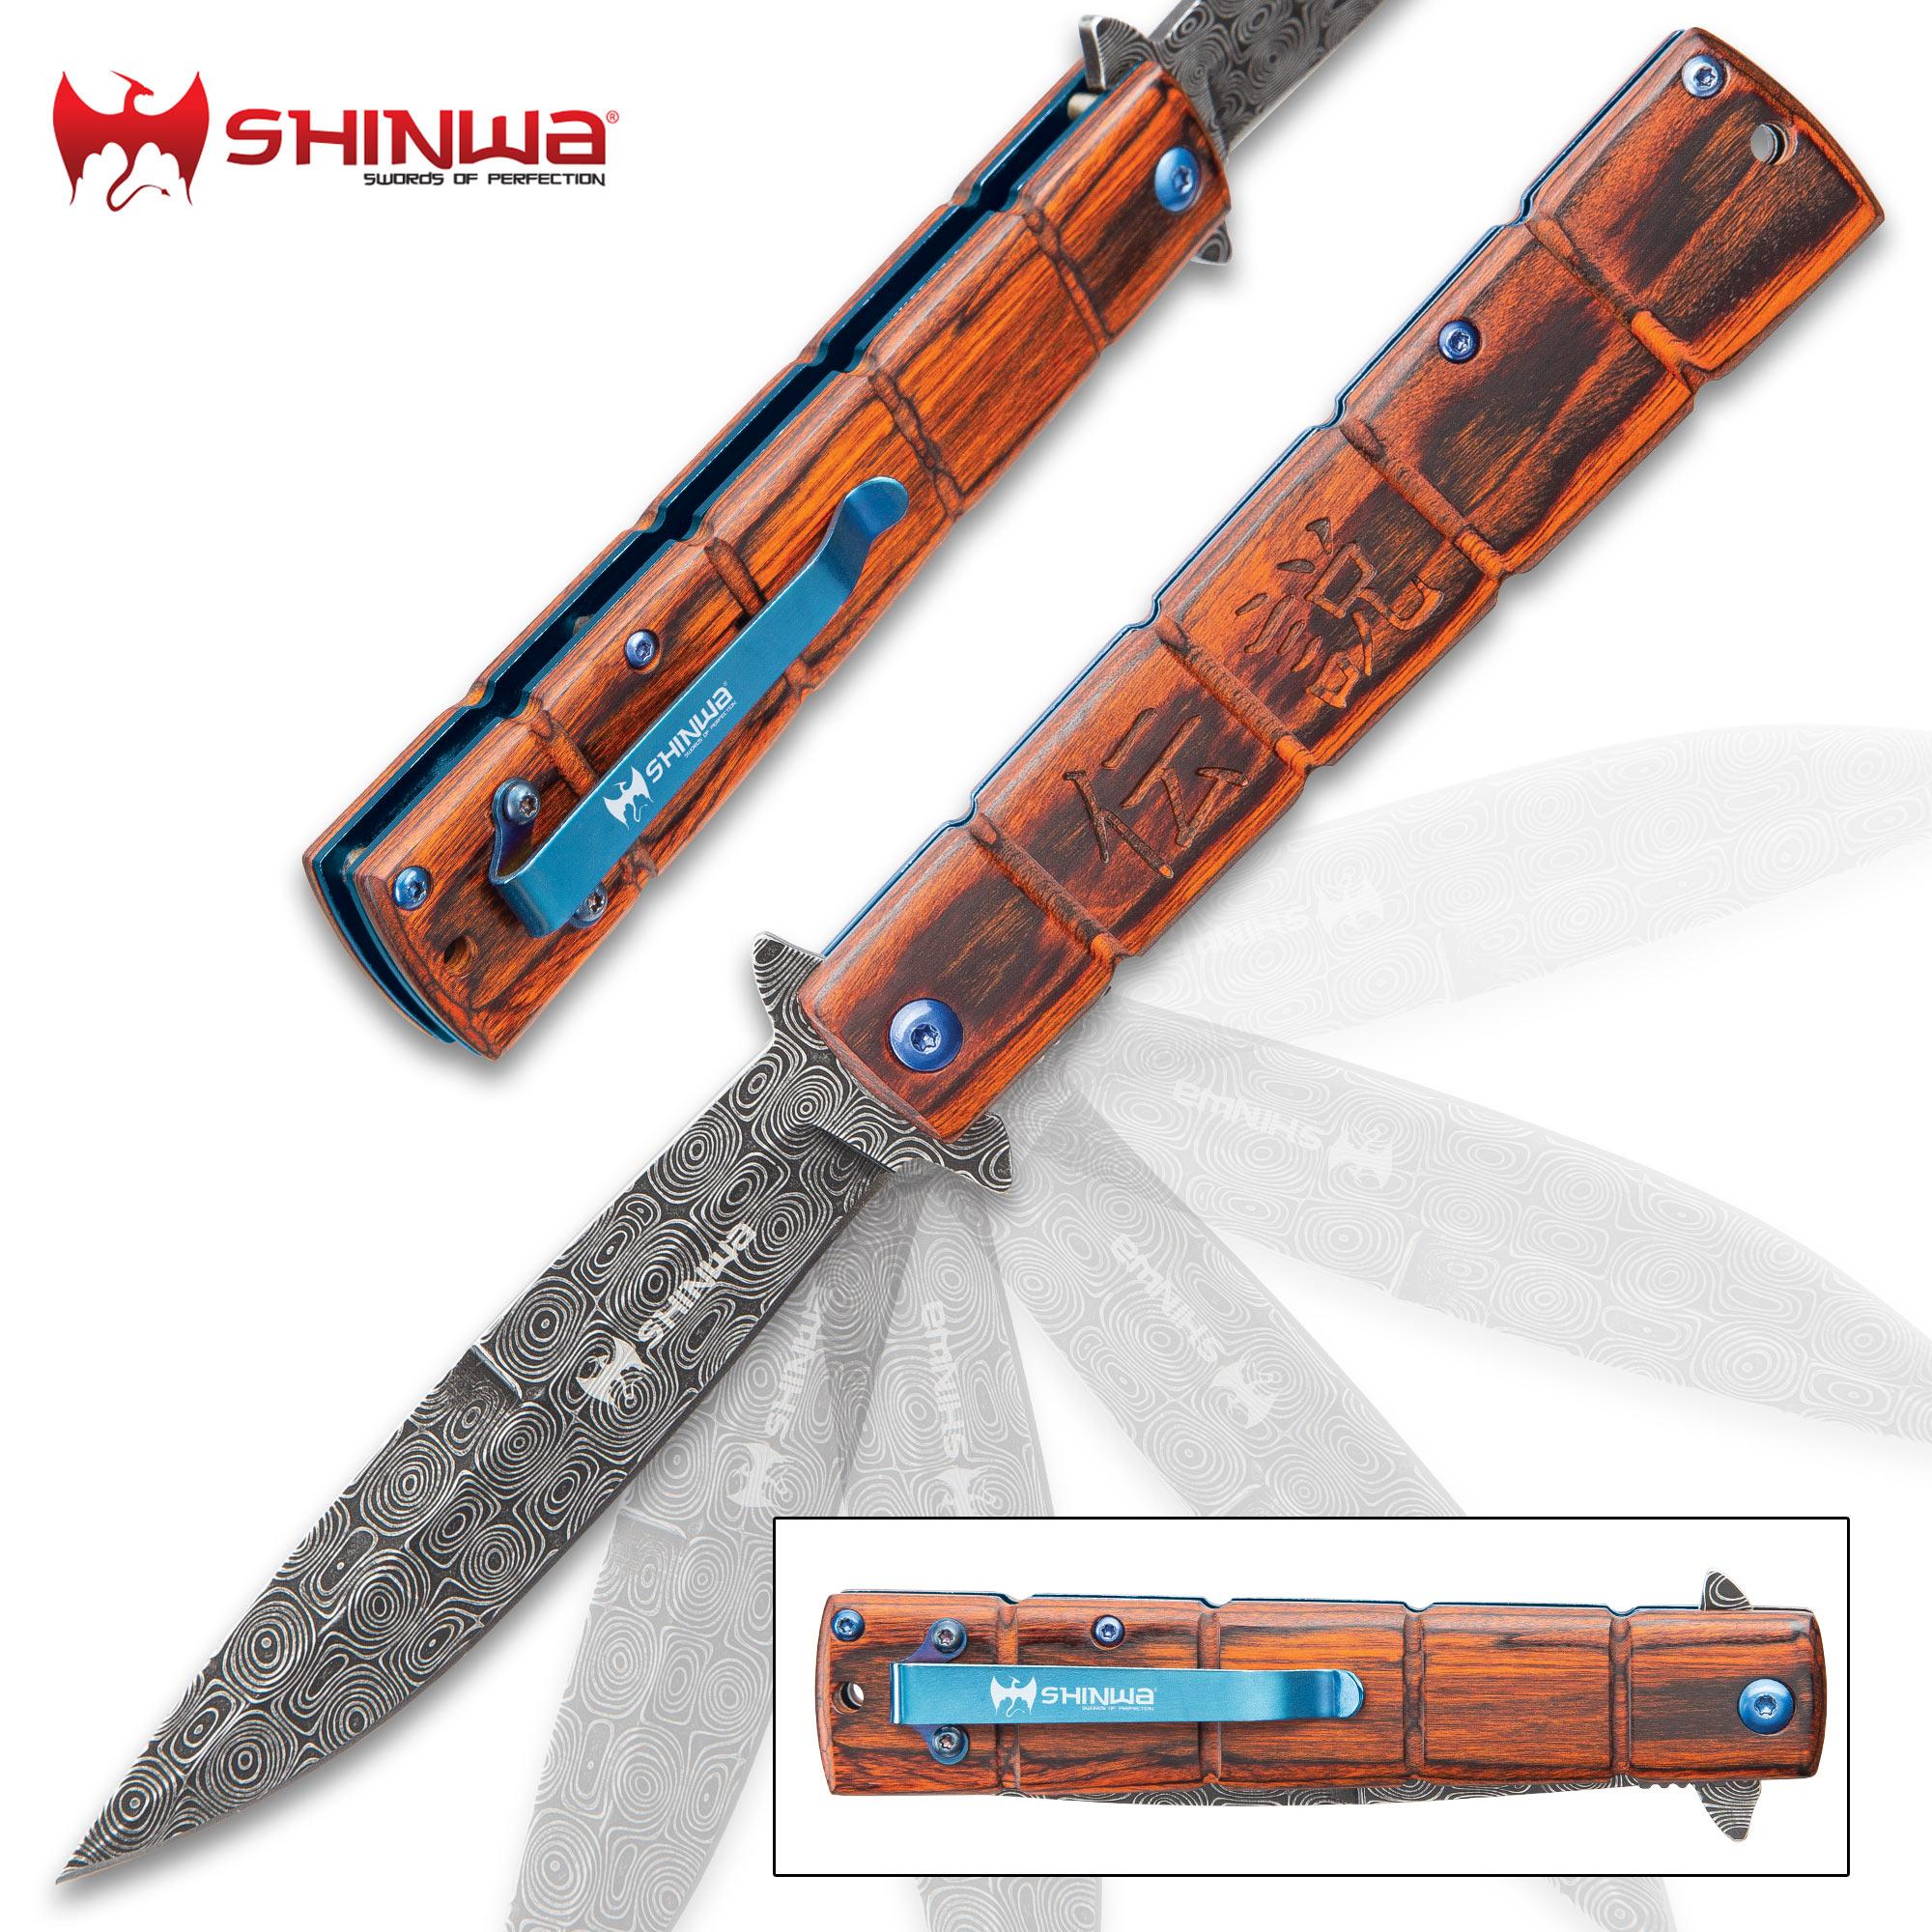 Shinwa Bloodwood Takegara Pocket Knife